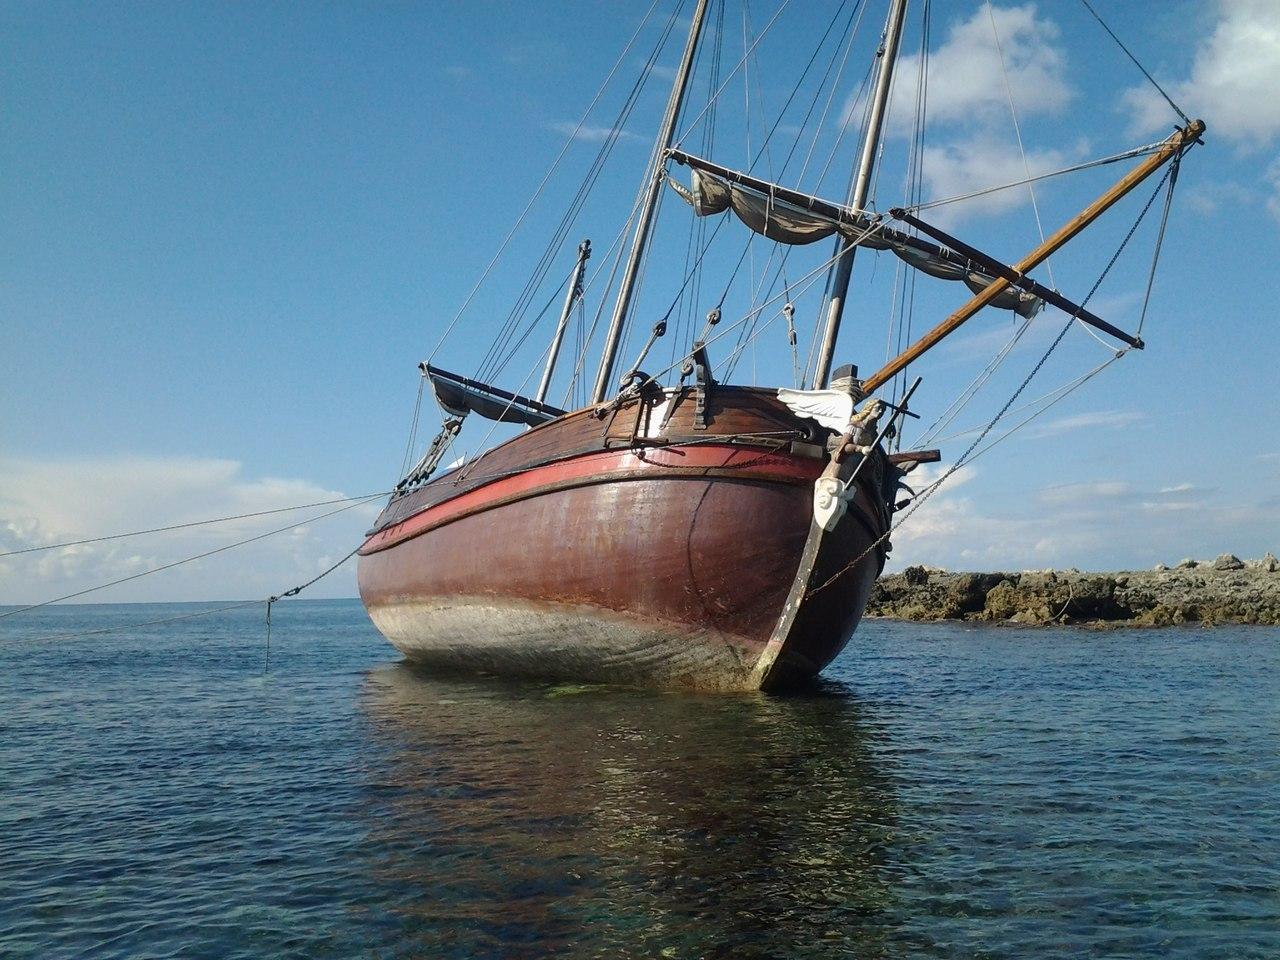 Парусник «Святитель Пётр» терпит бедствие у берегов Греции